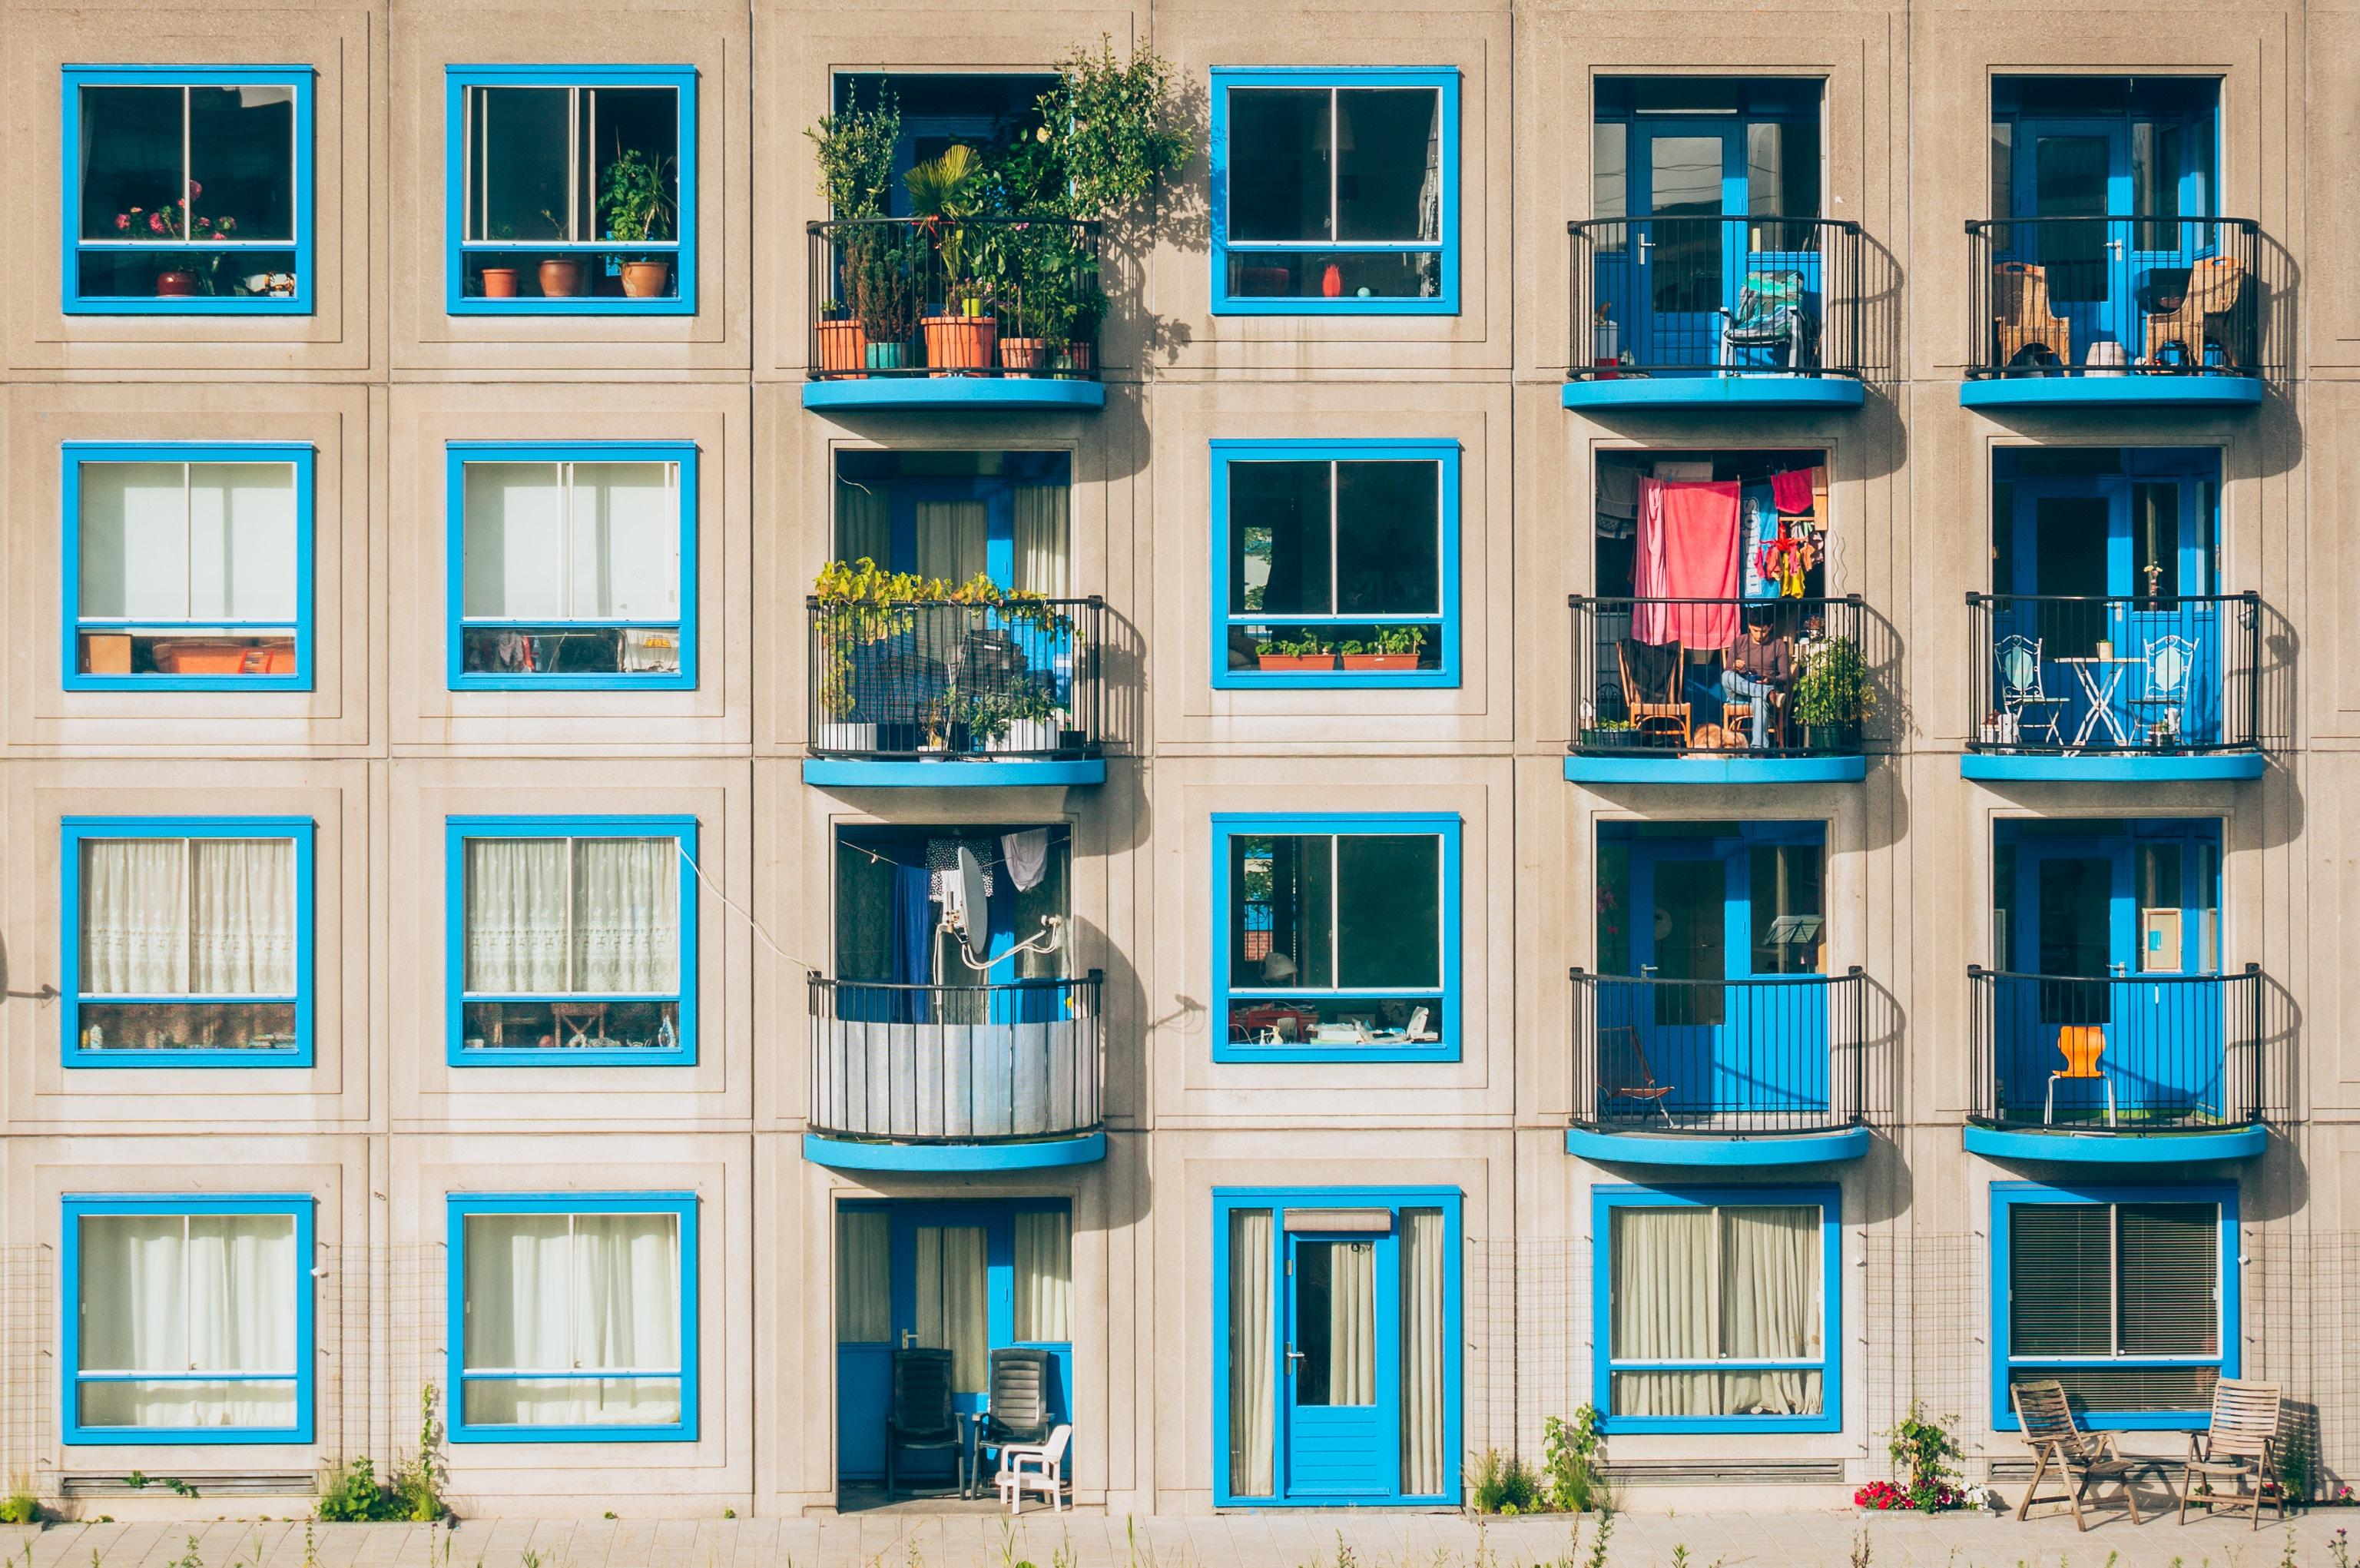 (Airbnb又有新創舉,2019年將為共享概念,直接打造真實的房屋。圖/unsplash)